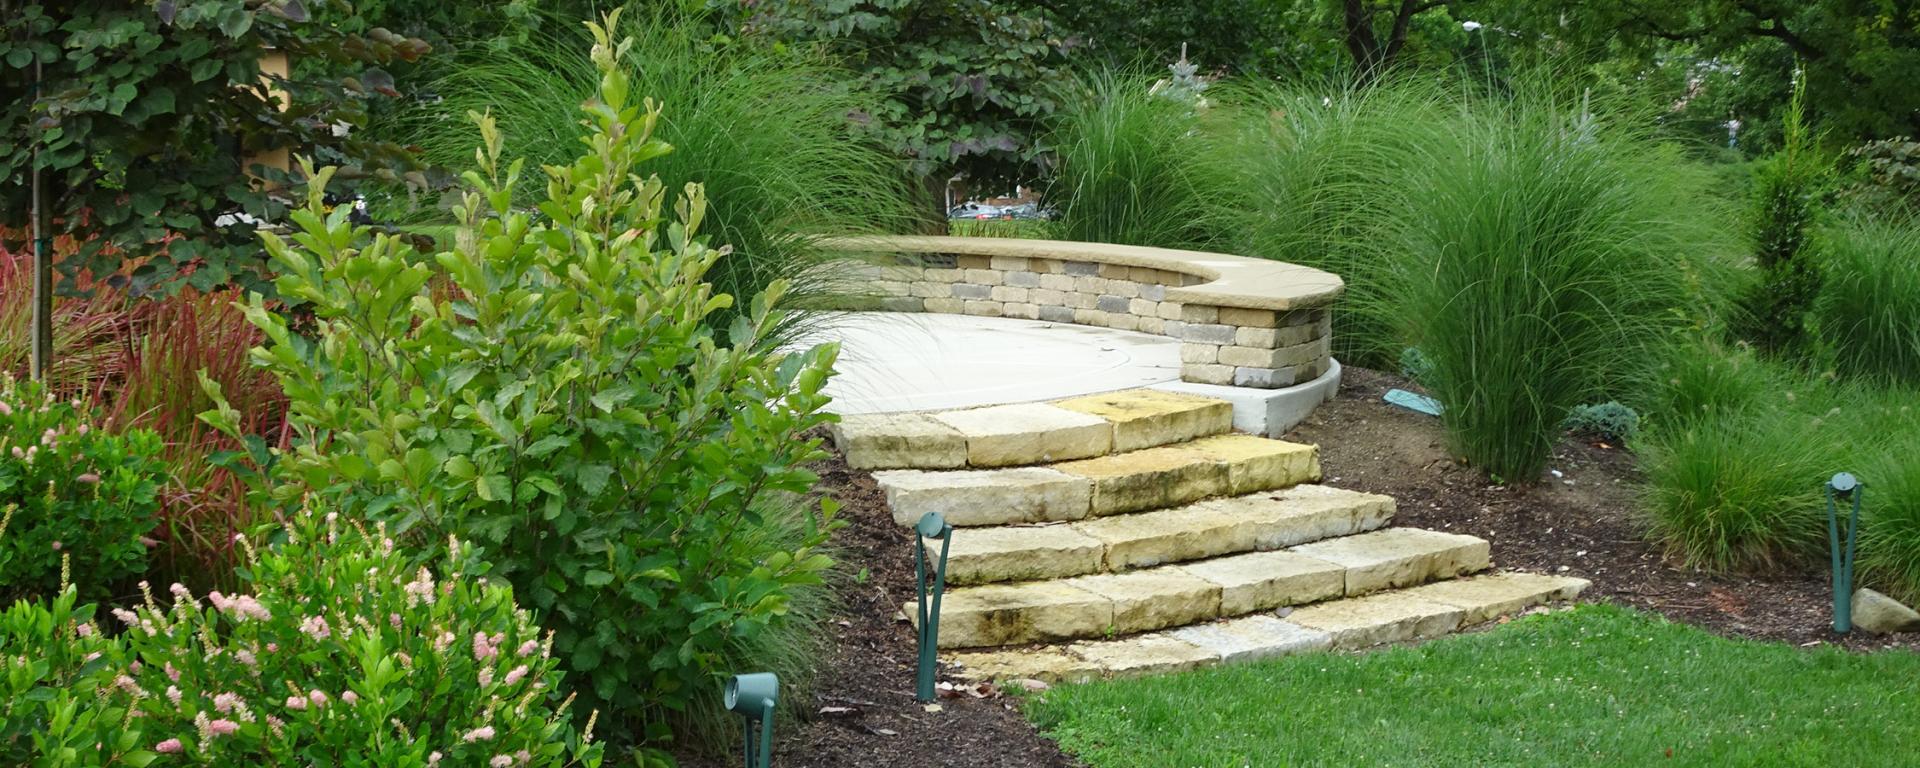 steps in a garden